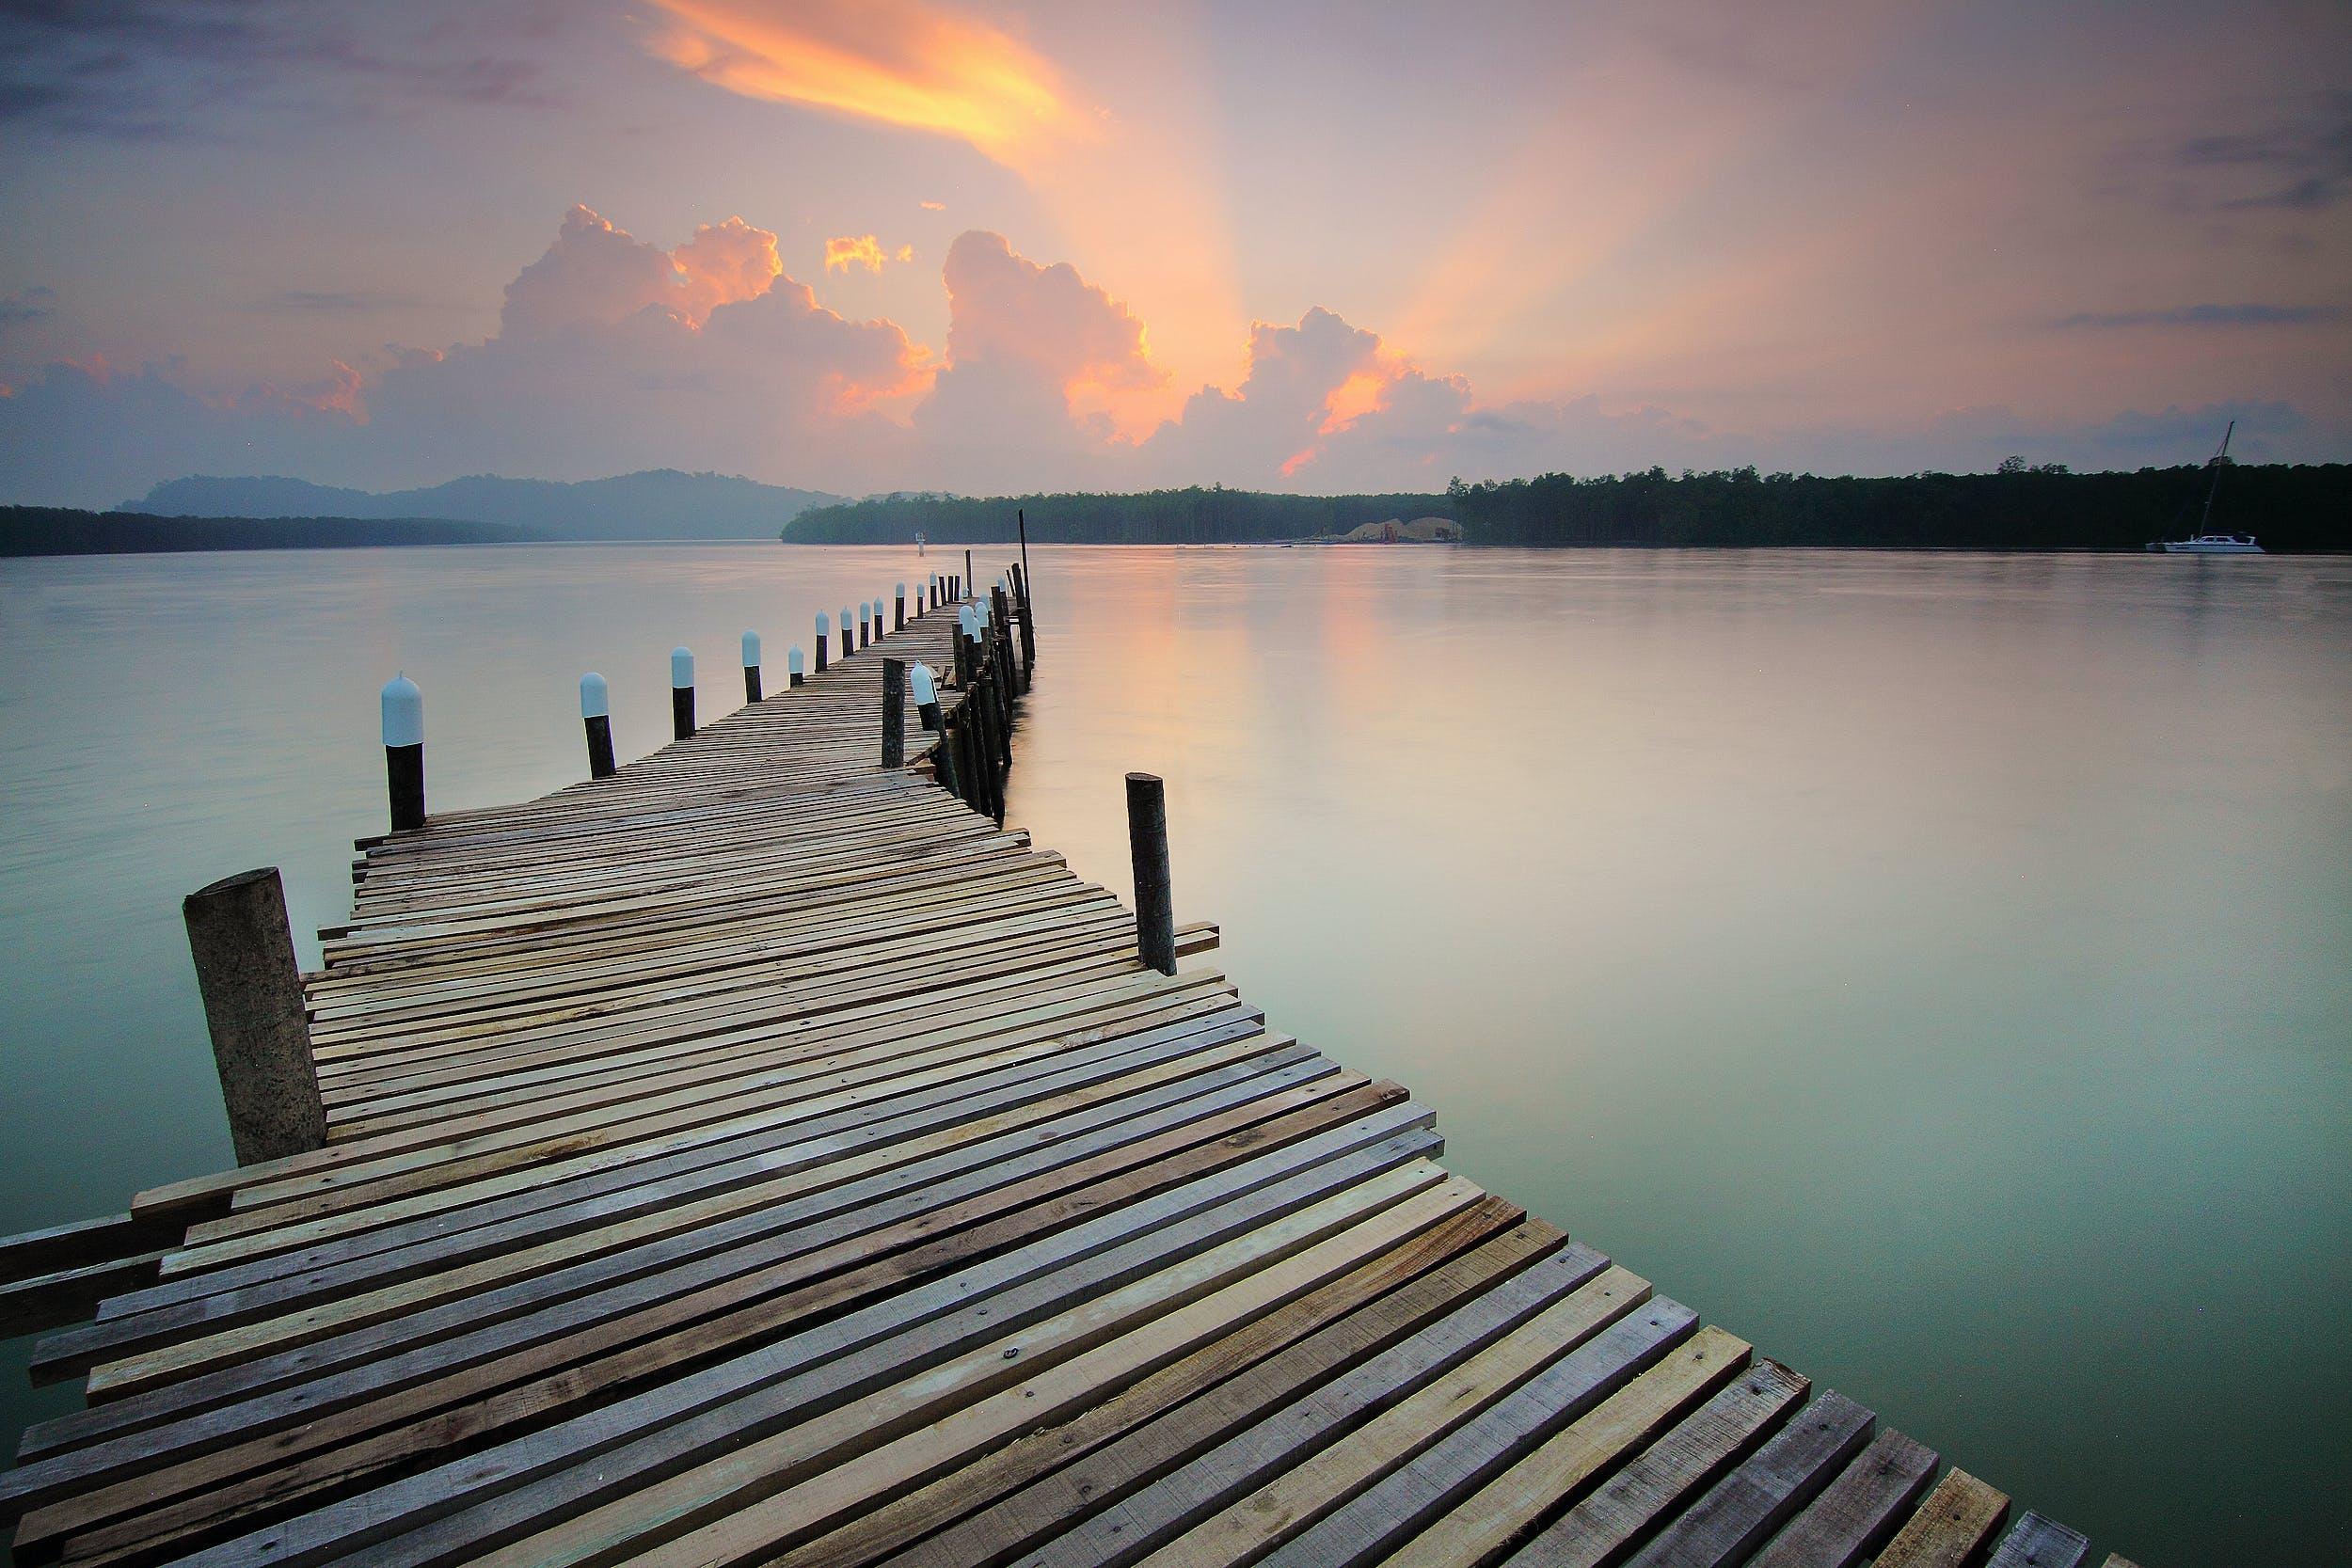 beach, calm waters, dawn